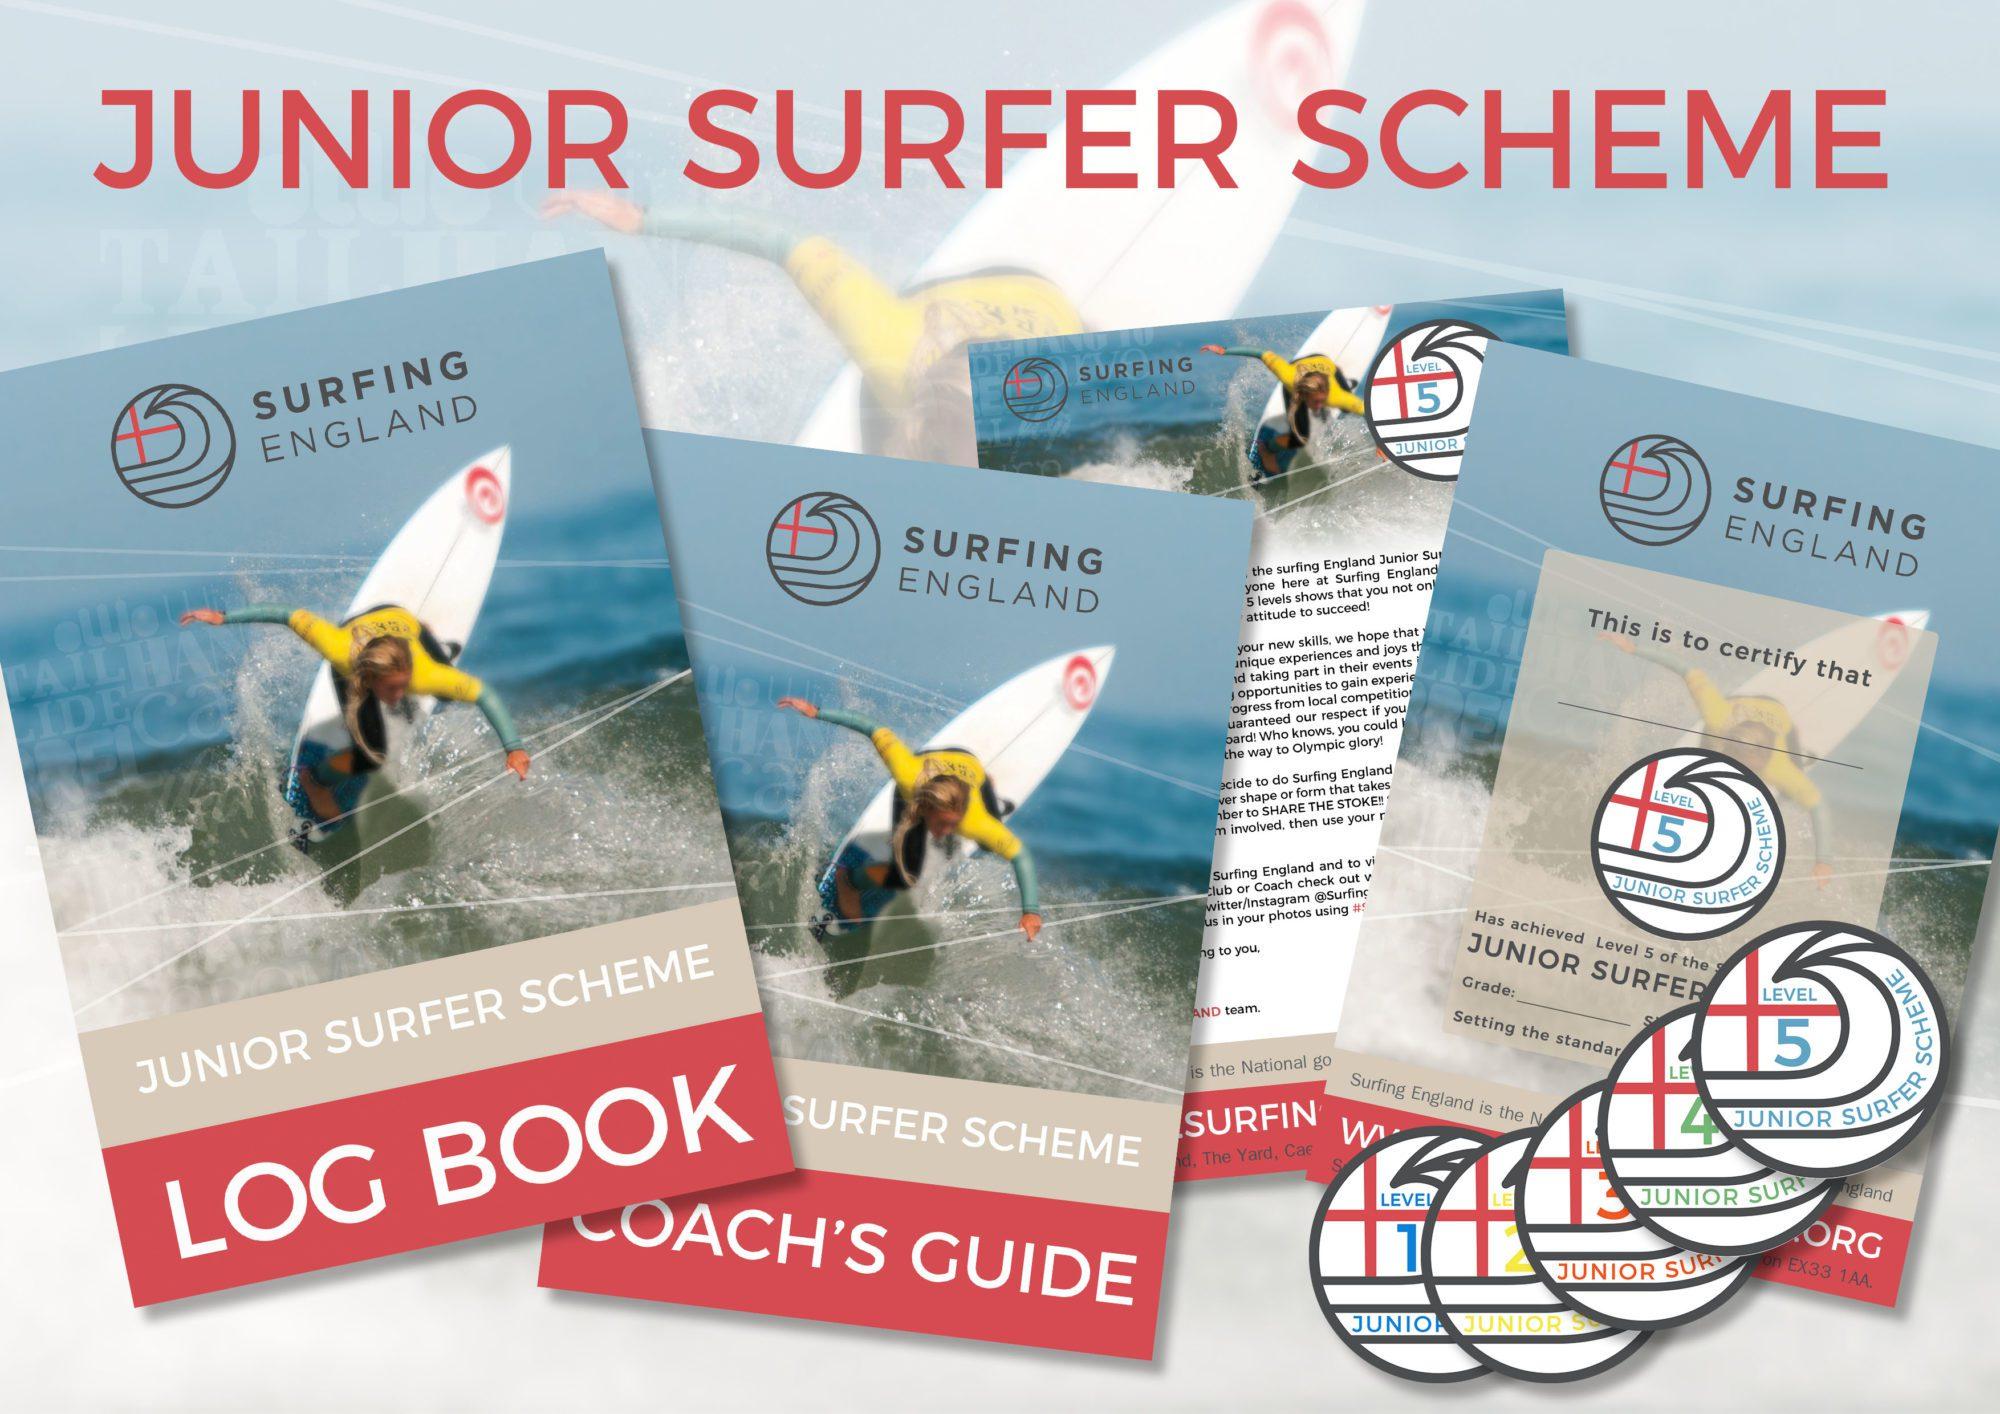 68b18848c1 Junior Surfer Scheme - Surfing England